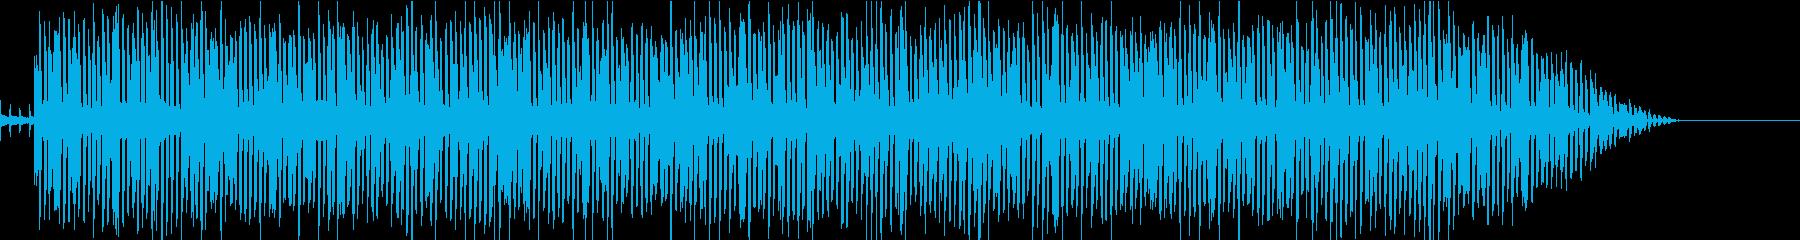 8bit風 おちゃめ 元気 猫ふんじゃっの再生済みの波形